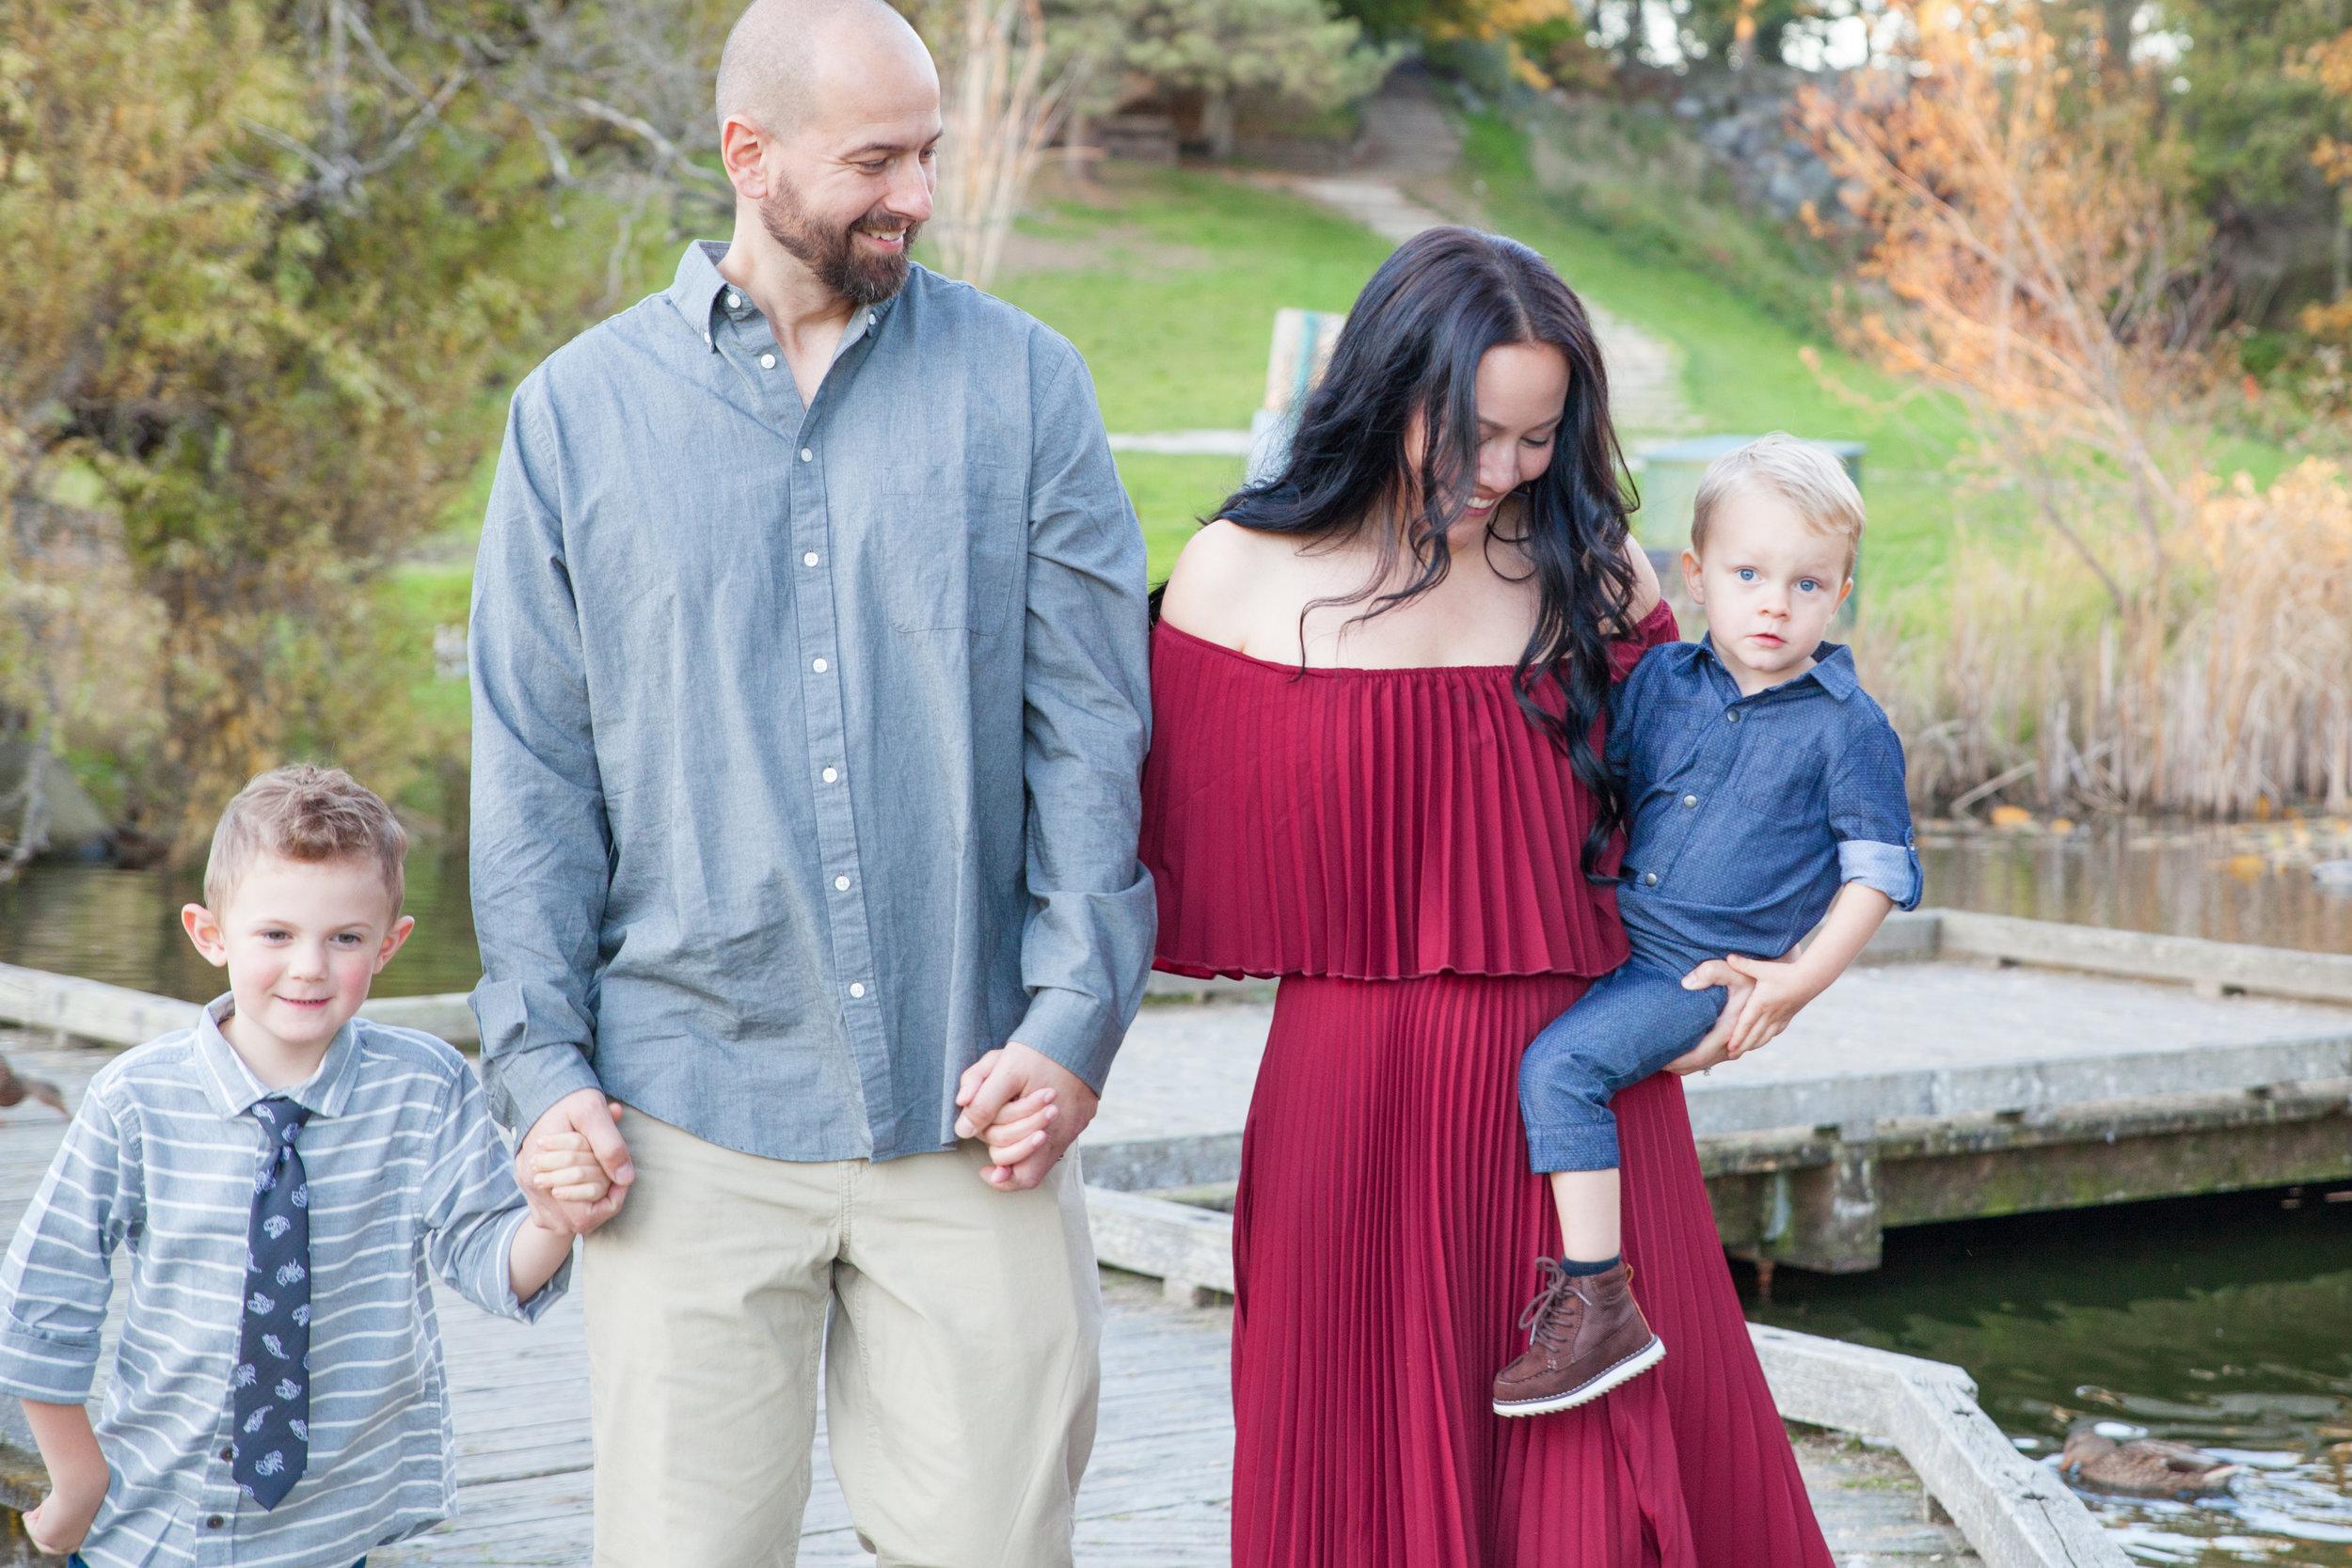 Diefenbaker Park Family Photos 2018-8.jpg